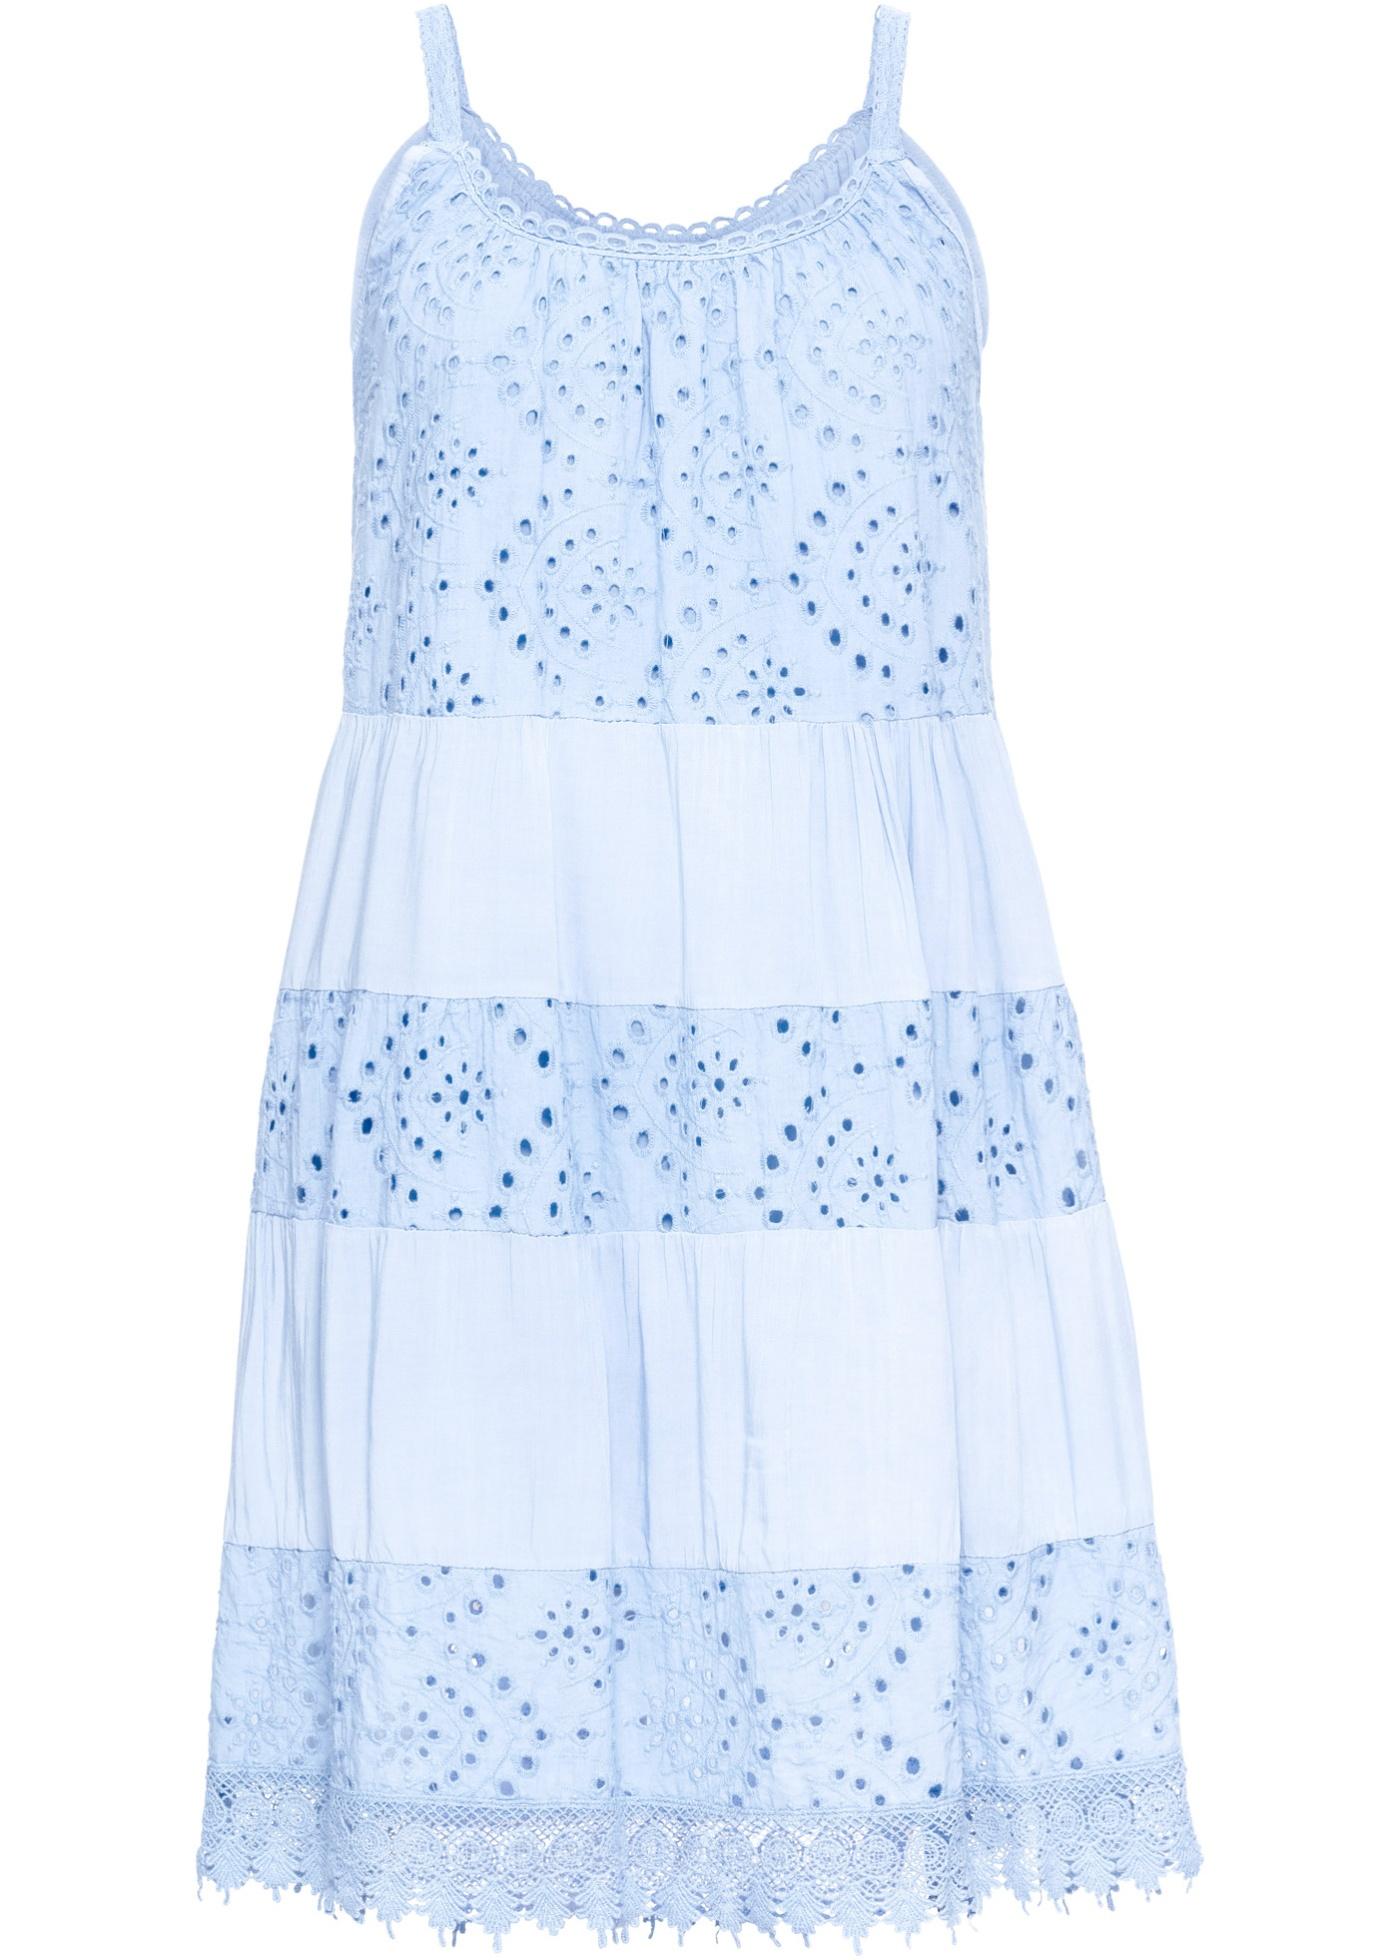 0fd7cacec90d Letní šaty s krajkou - Modrá